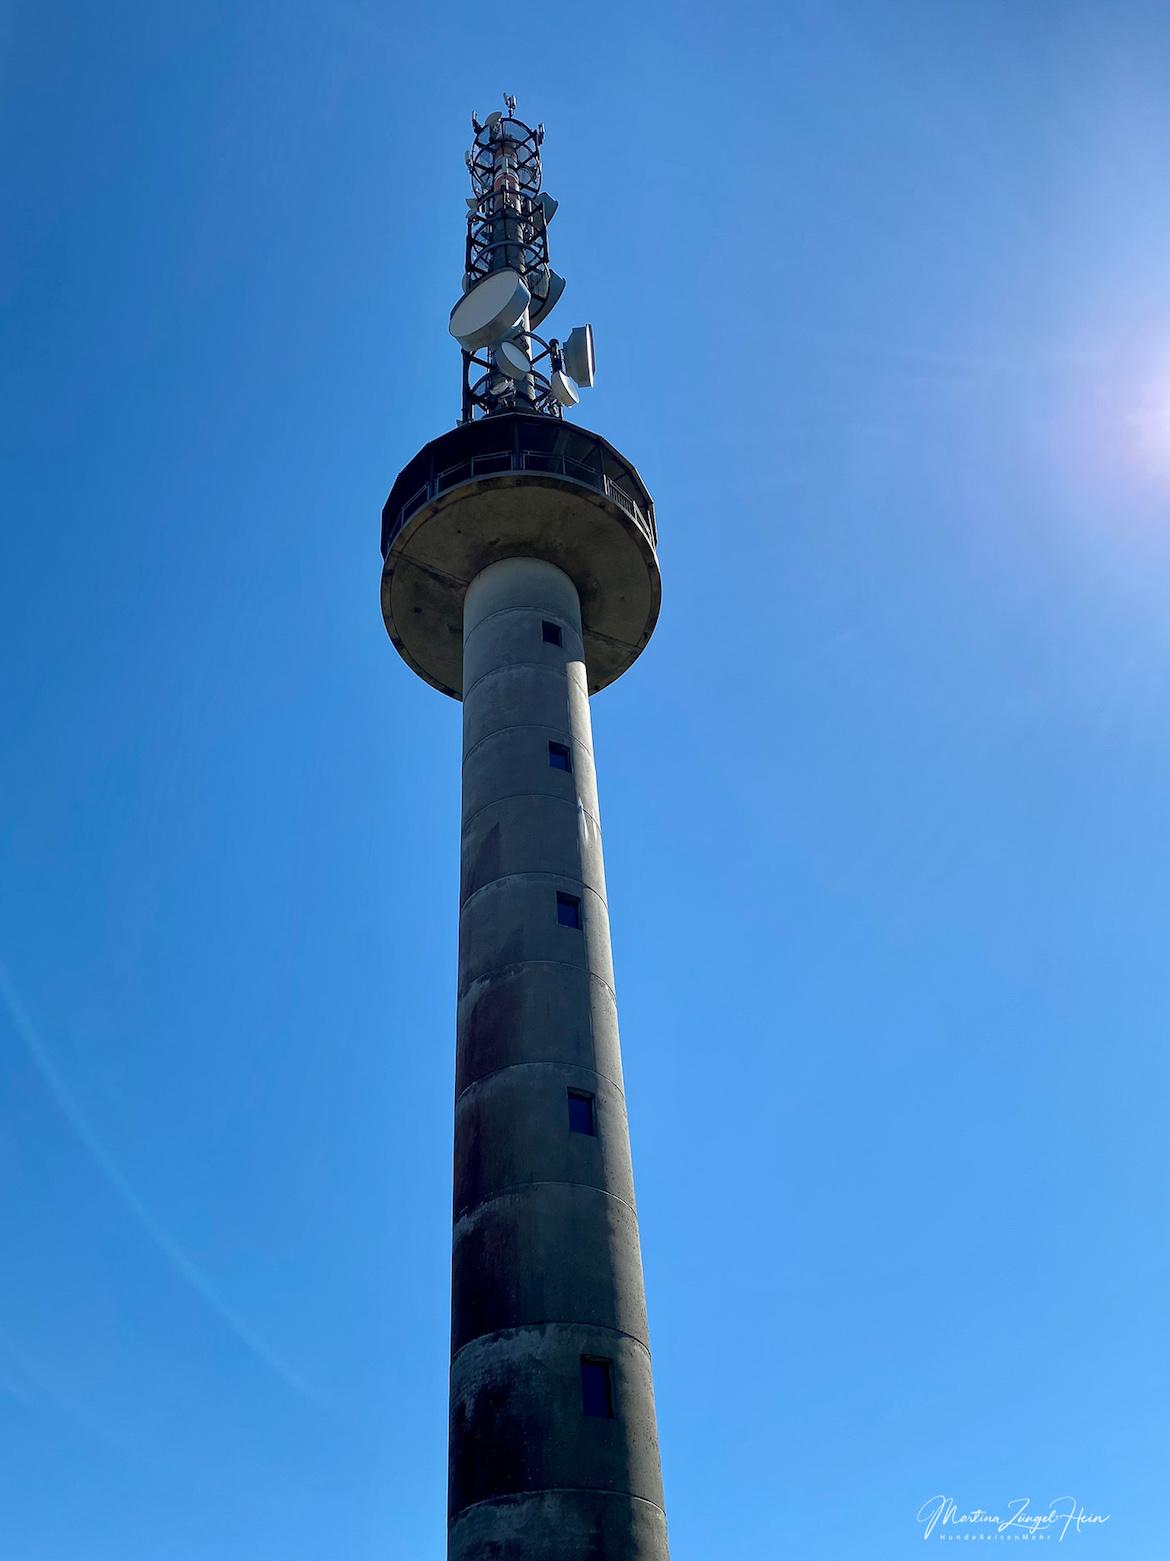 Der Aussichtsturm steht auf dem 531 Meter hohen Gräbersberg